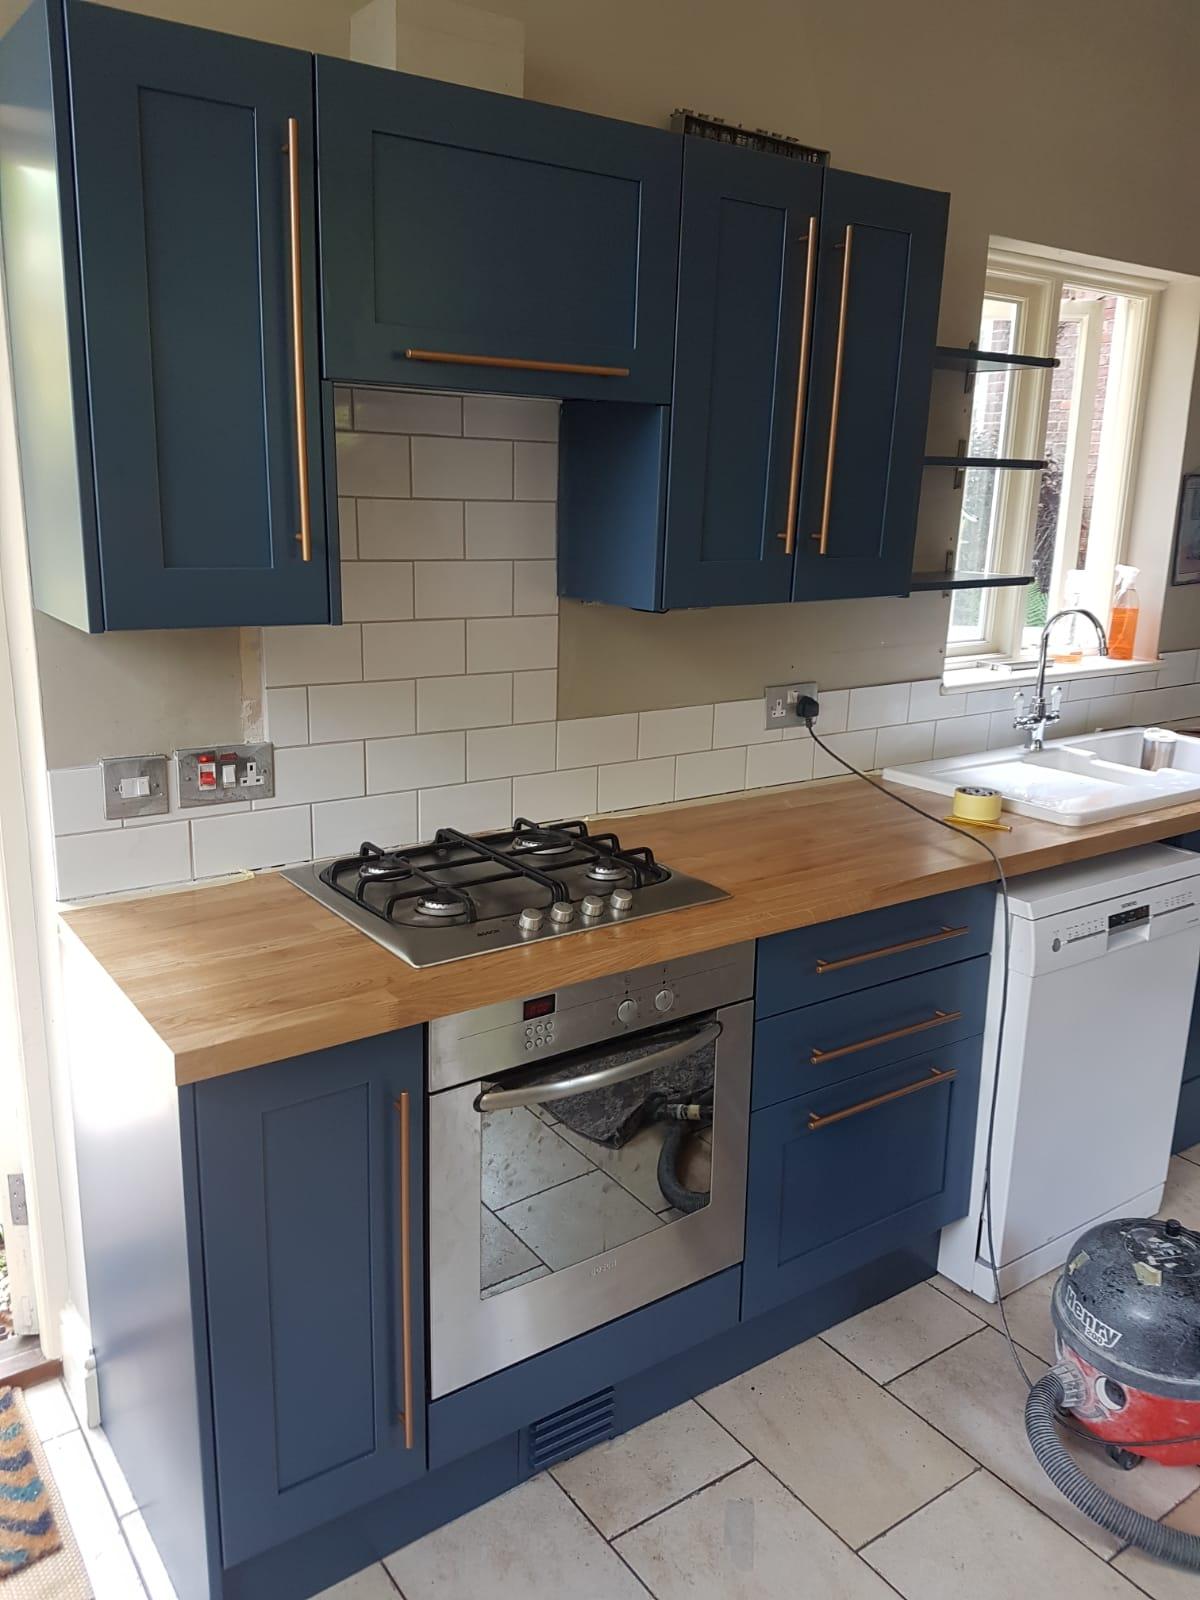 Kitchen Refurbishment Case Study Refinishing Touch